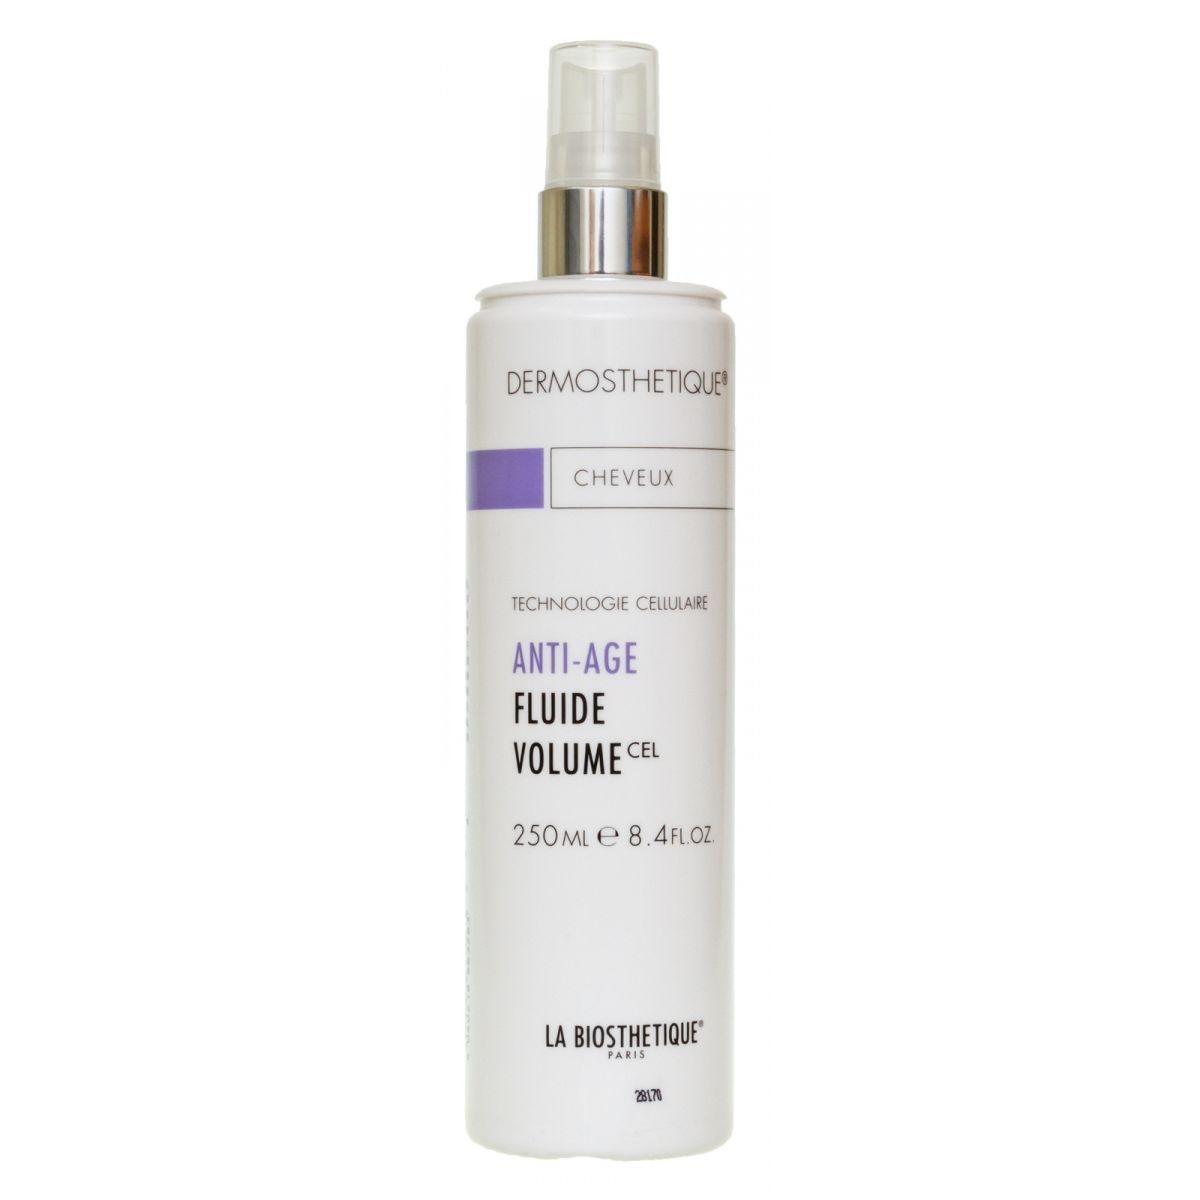 La Biosthetique Fluide Volume Кератин-Активный Флюид для Увеличения Объема Тонких Волос, 250 мл